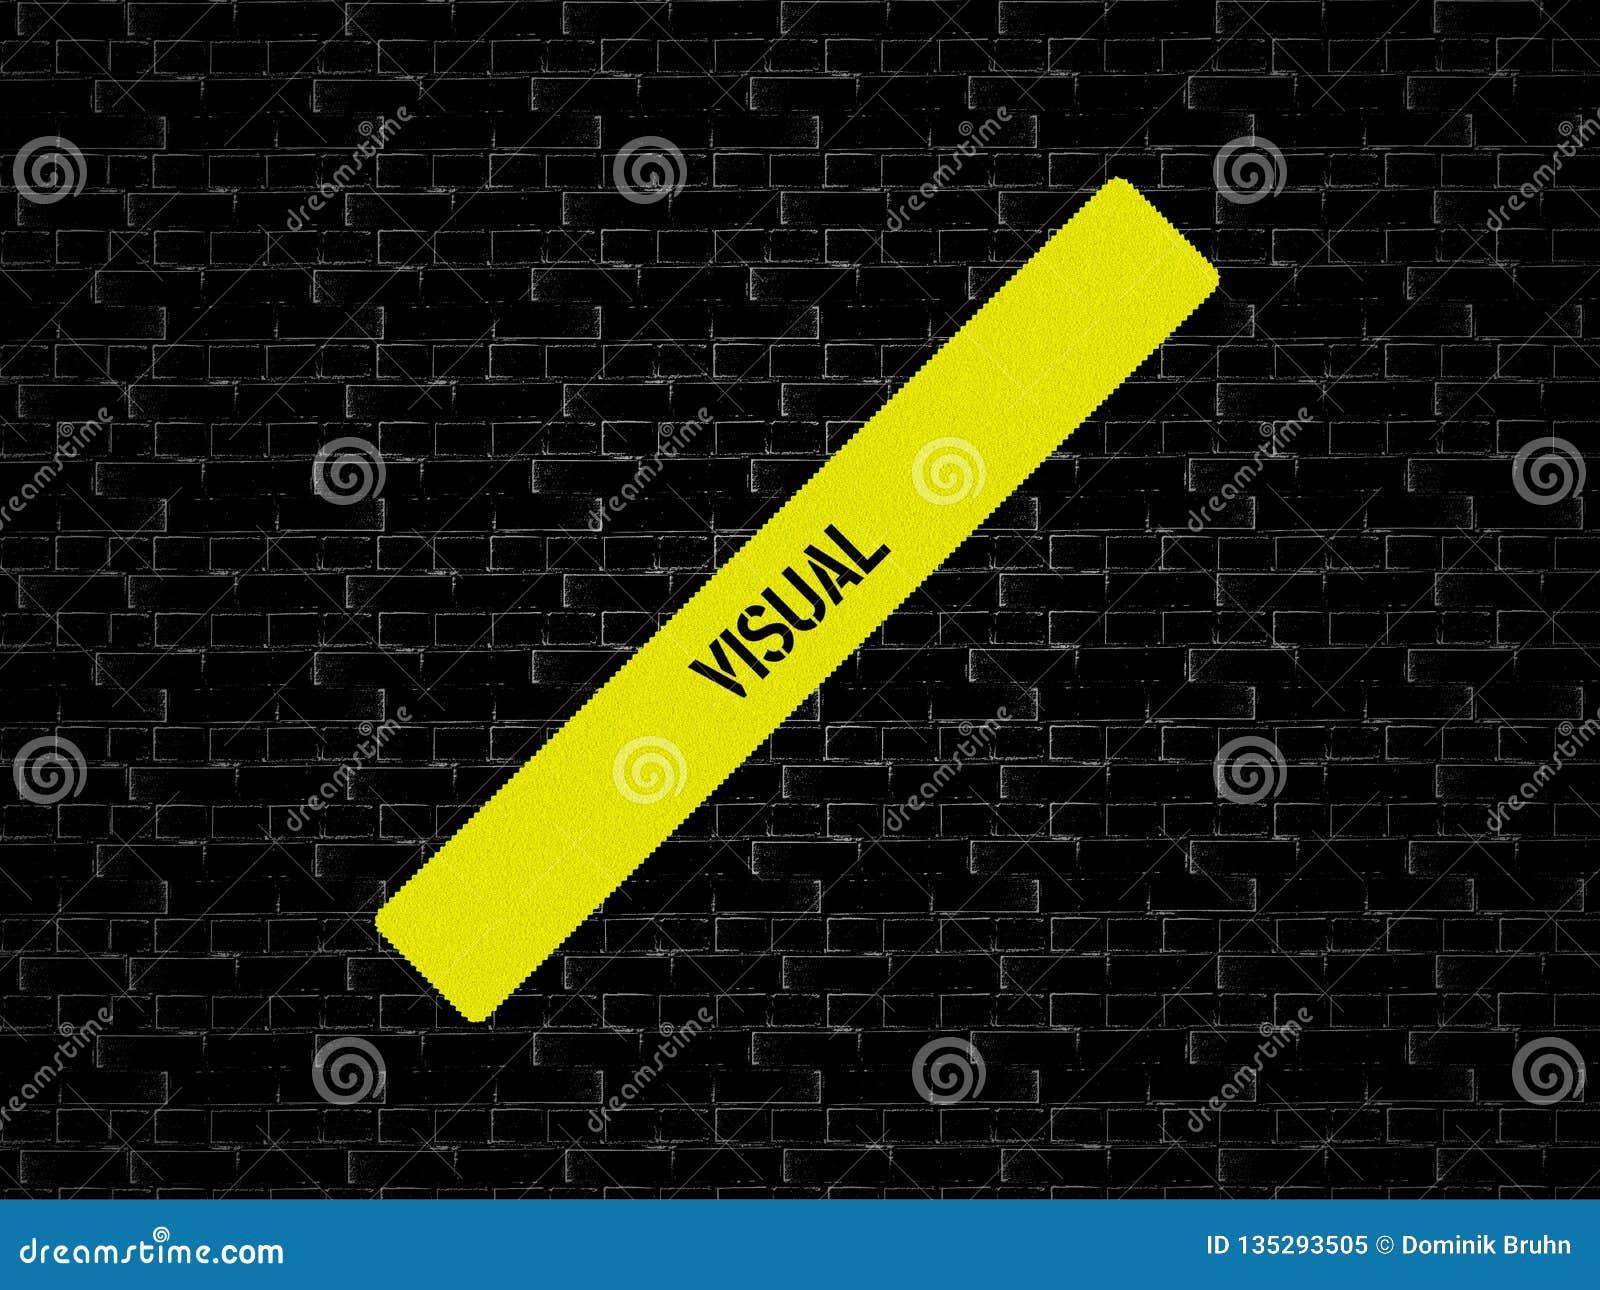 Φραγμός σε κίτρινο η λέξη ΟΠΤΙΚΗ επιδεικνύεται Το υπόβαθρο είναι μαύρο με τα κεραμίδια